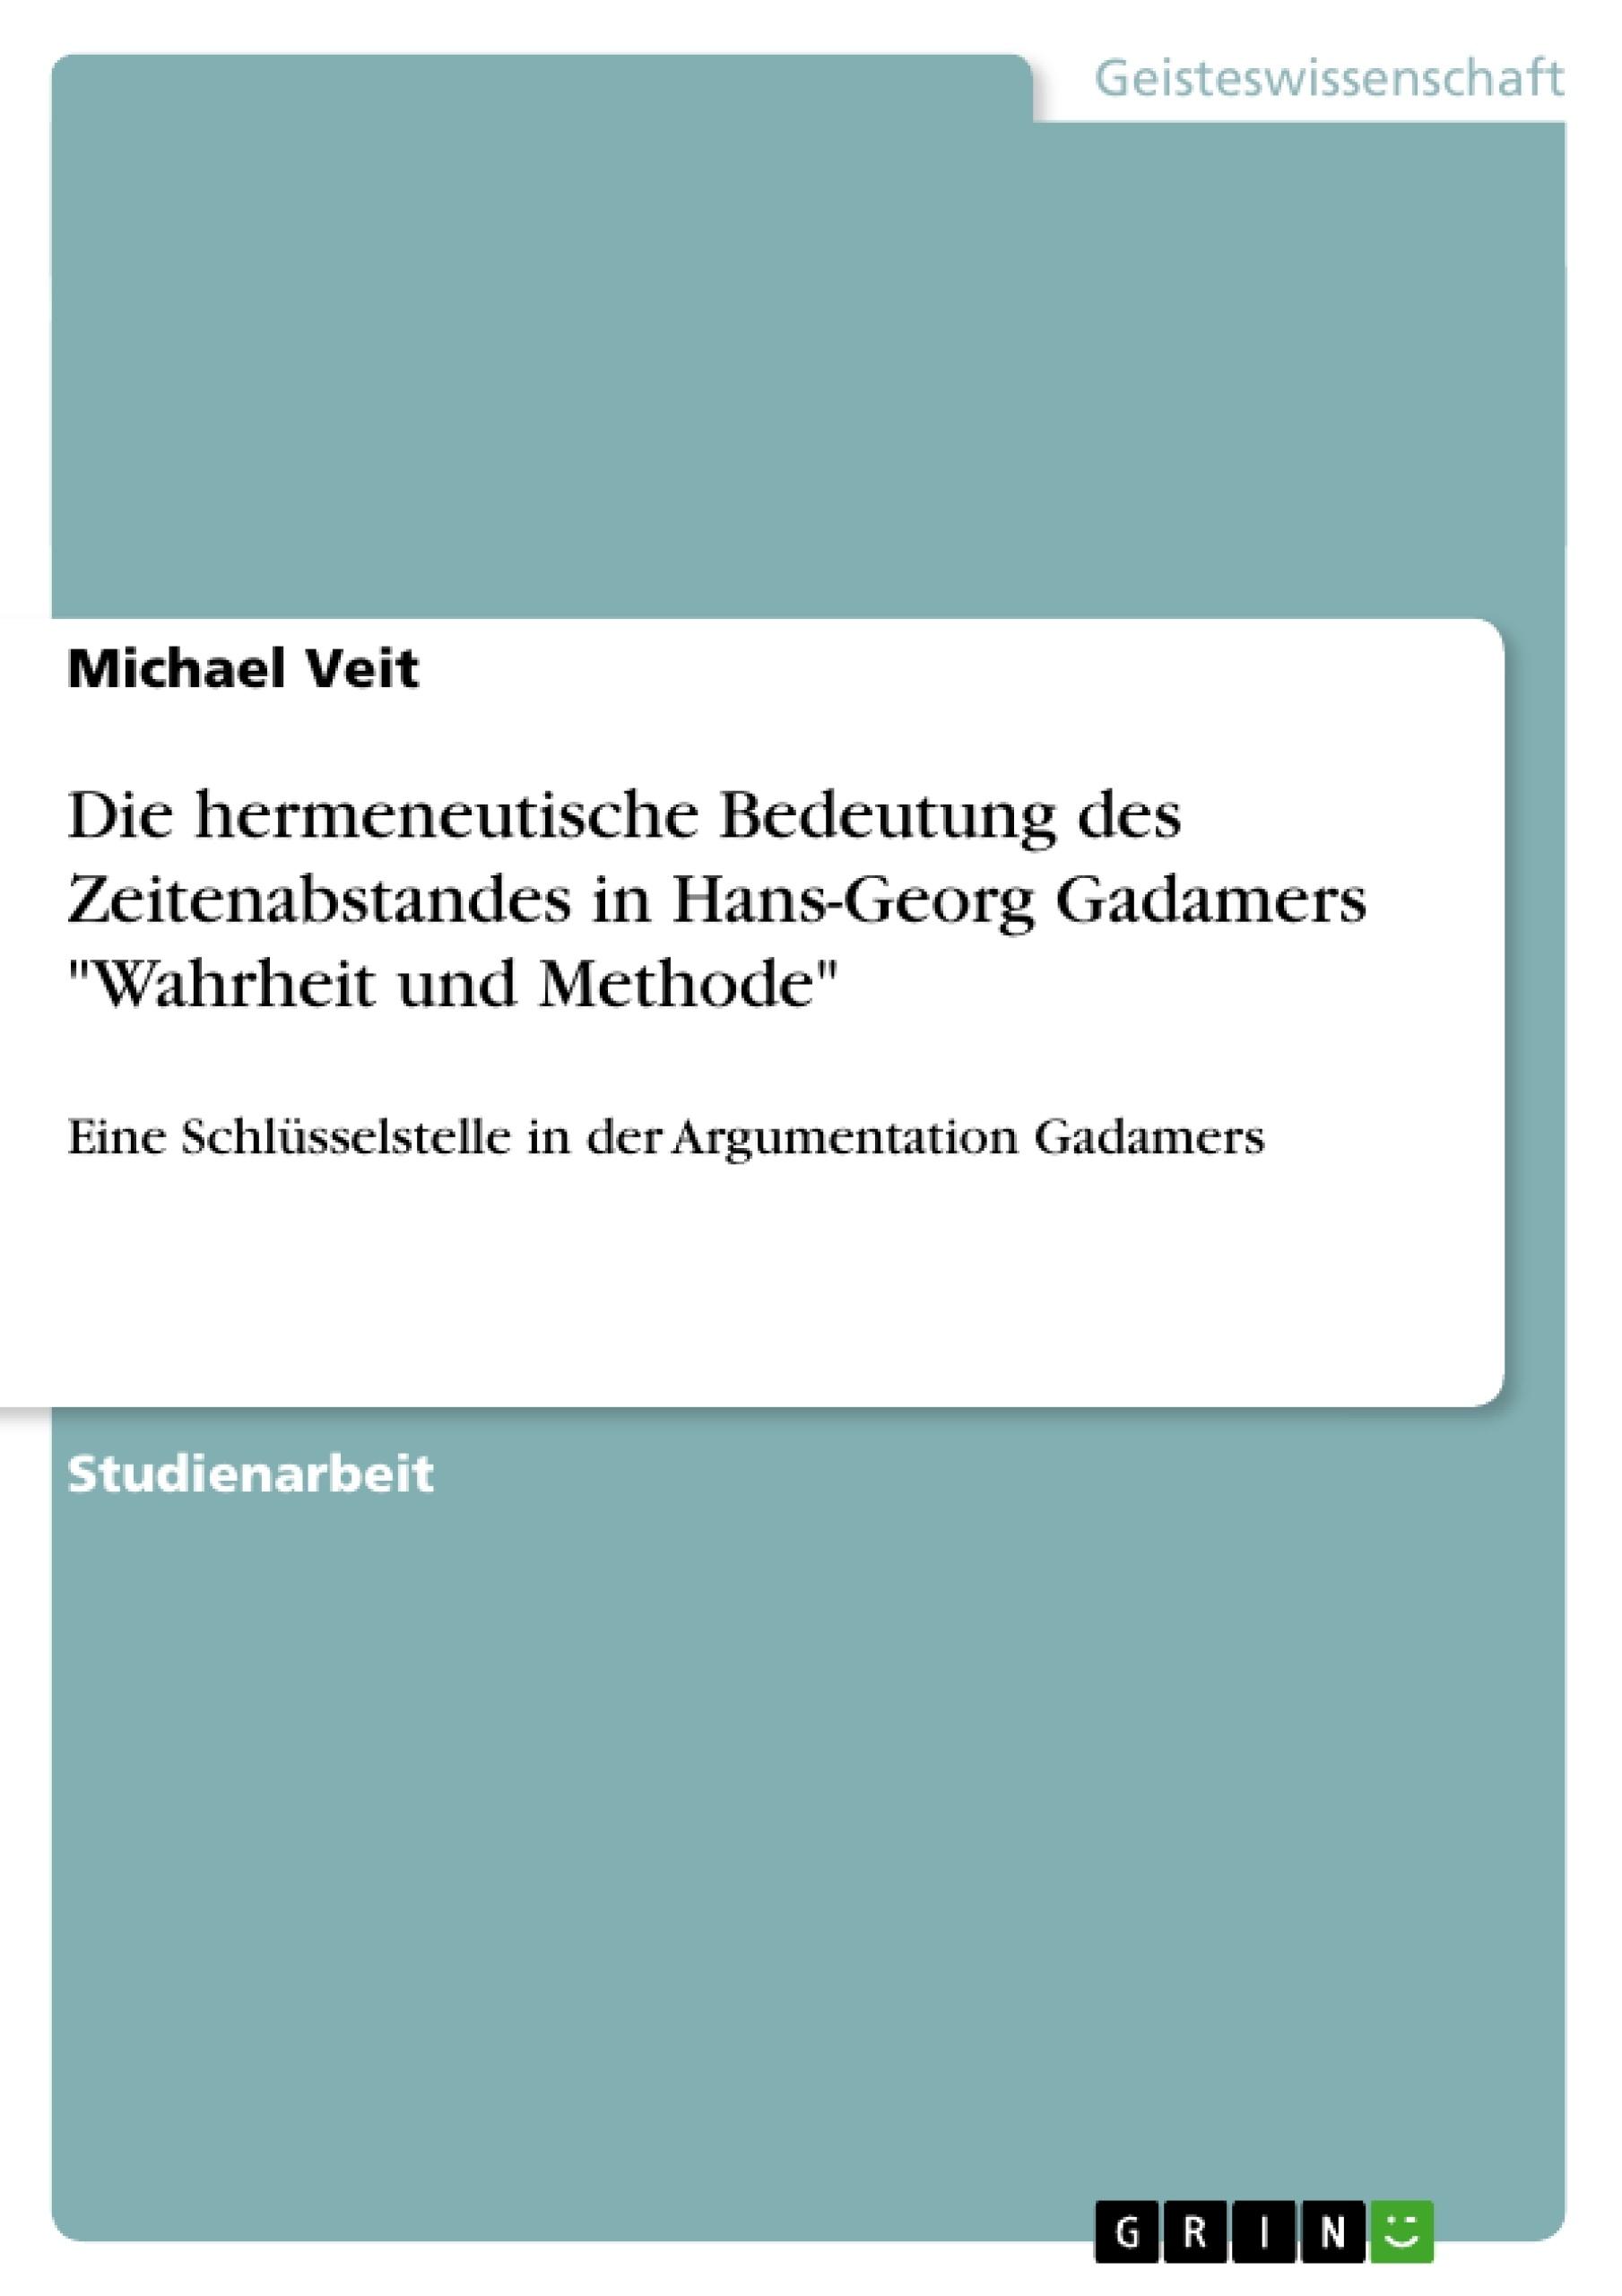 """Titel: Die hermeneutische Bedeutung des Zeitenabstandes in Hans-Georg Gadamers """"Wahrheit und Methode"""""""